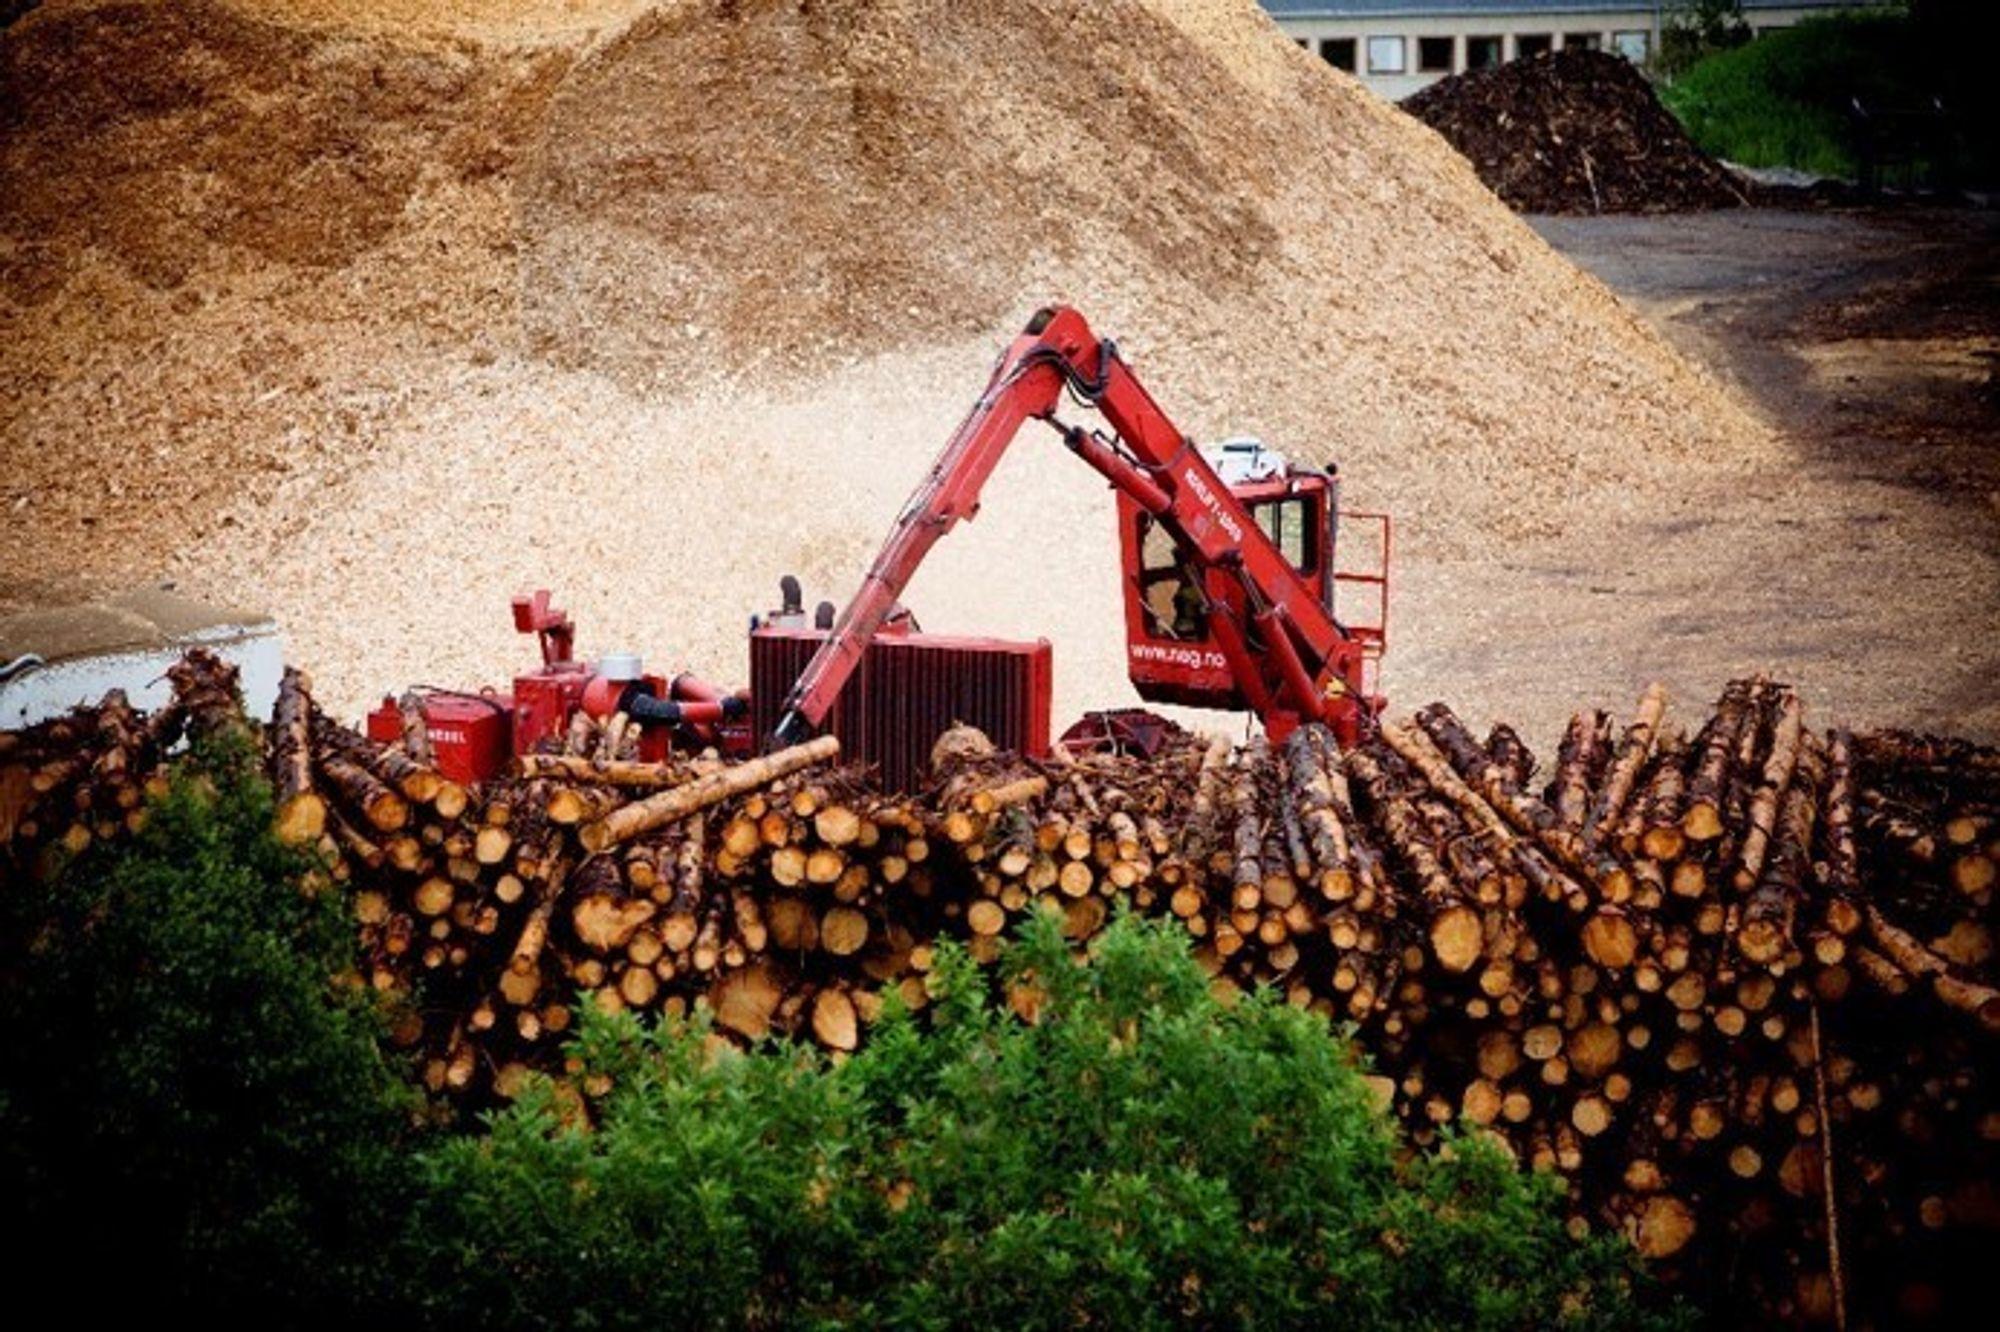 Myndighetene vil øke omsetningskravet for for biodrivstoff til 7 prosent. Det er mange uenige i, mens Skogeierforbundet ønsker rammevilkår som gjør at mer drivstoff i fremtiden kan lages av trevirke.